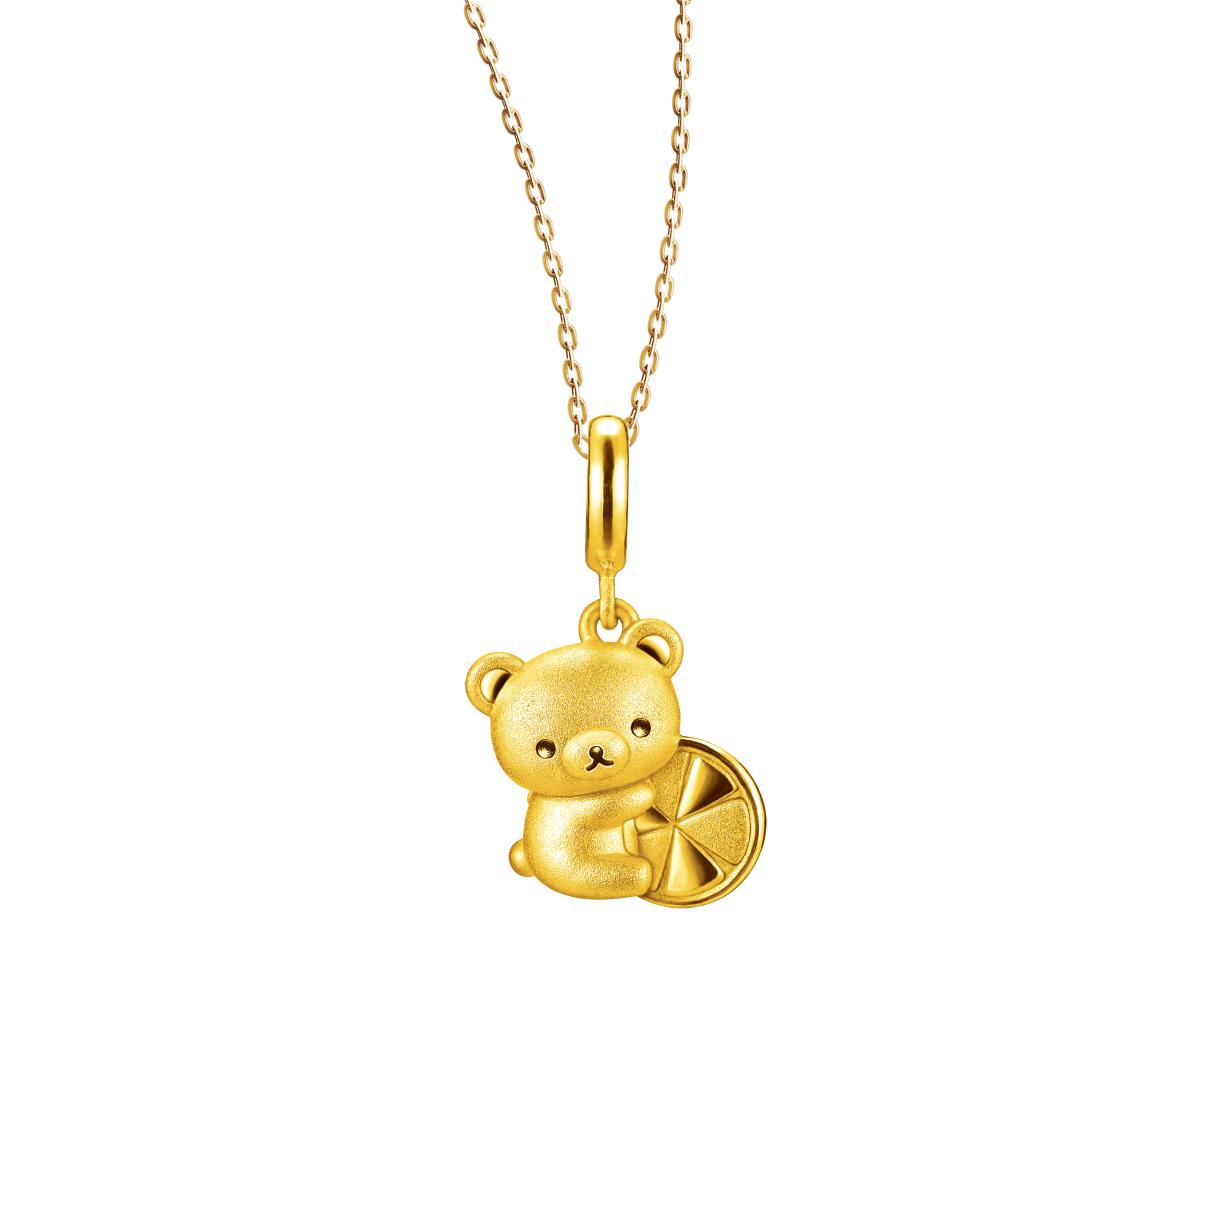 轻松小熊™系列轻松小熊™抱柠檬足金立体坠饰